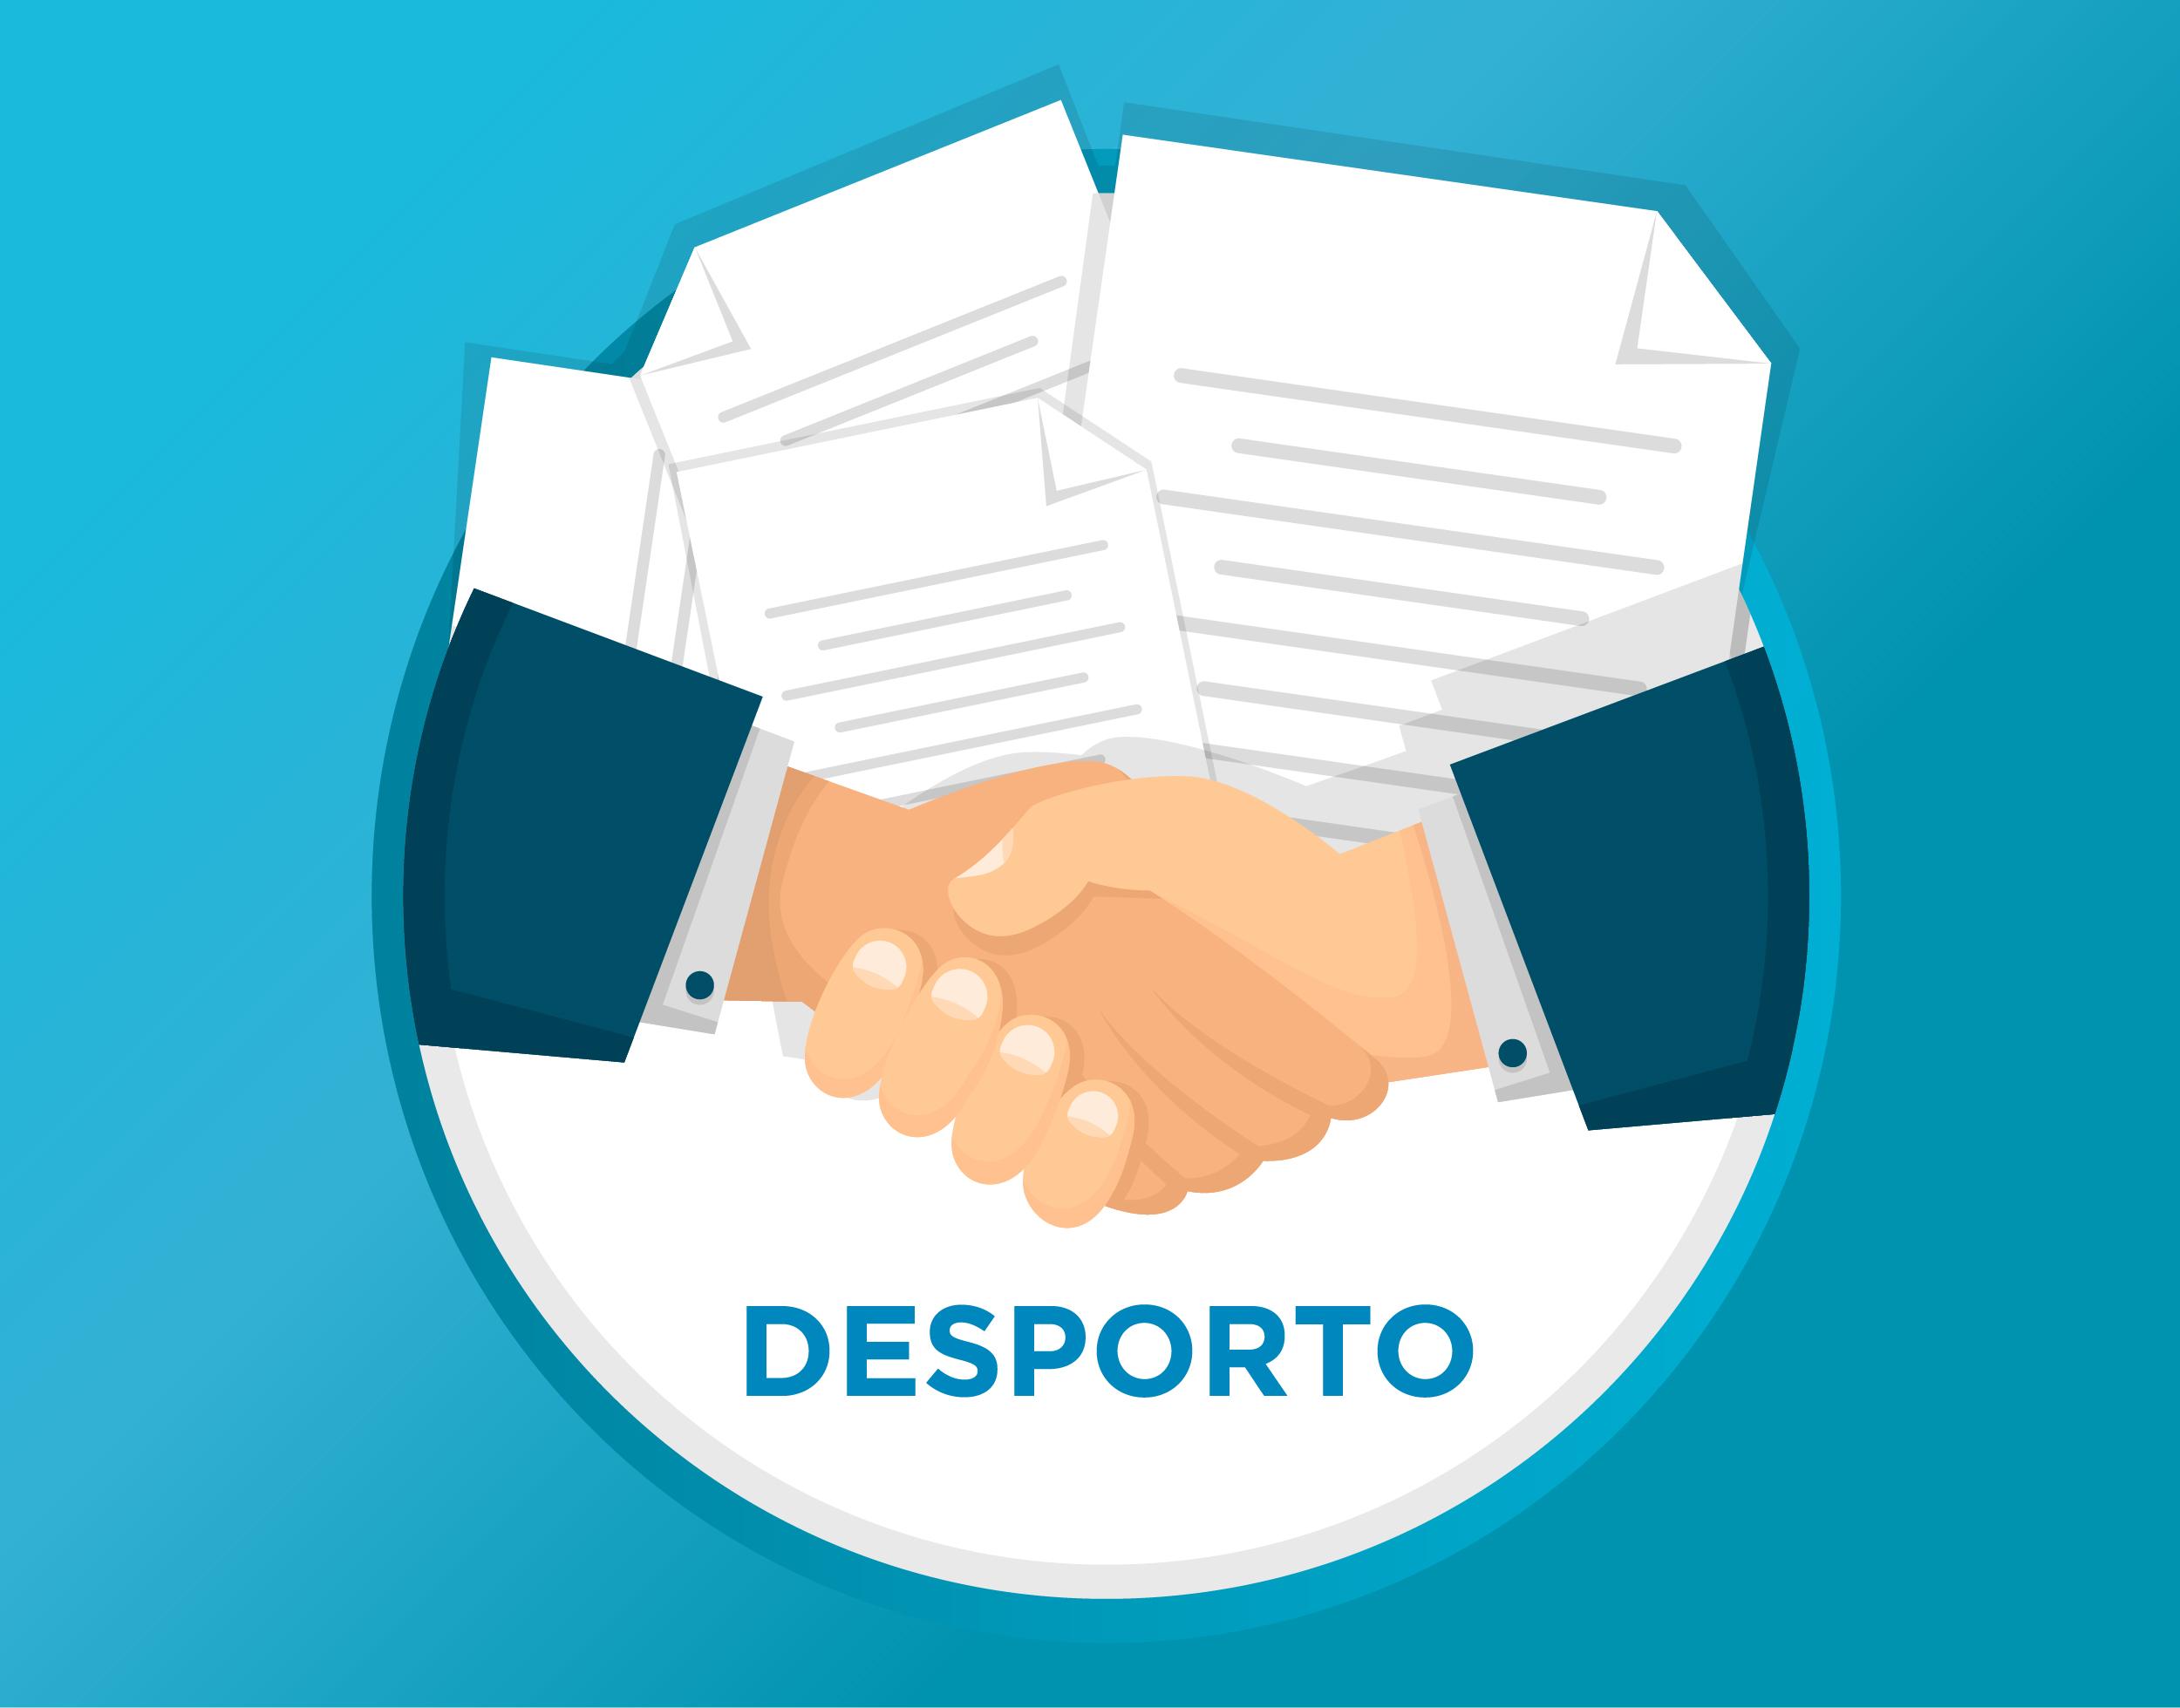 Plano Regional de Apoio ao Desporto 2018/2019 e 2019/2020 - JORAM n.º 21 de 30 janeiro 2020 (suplemento)